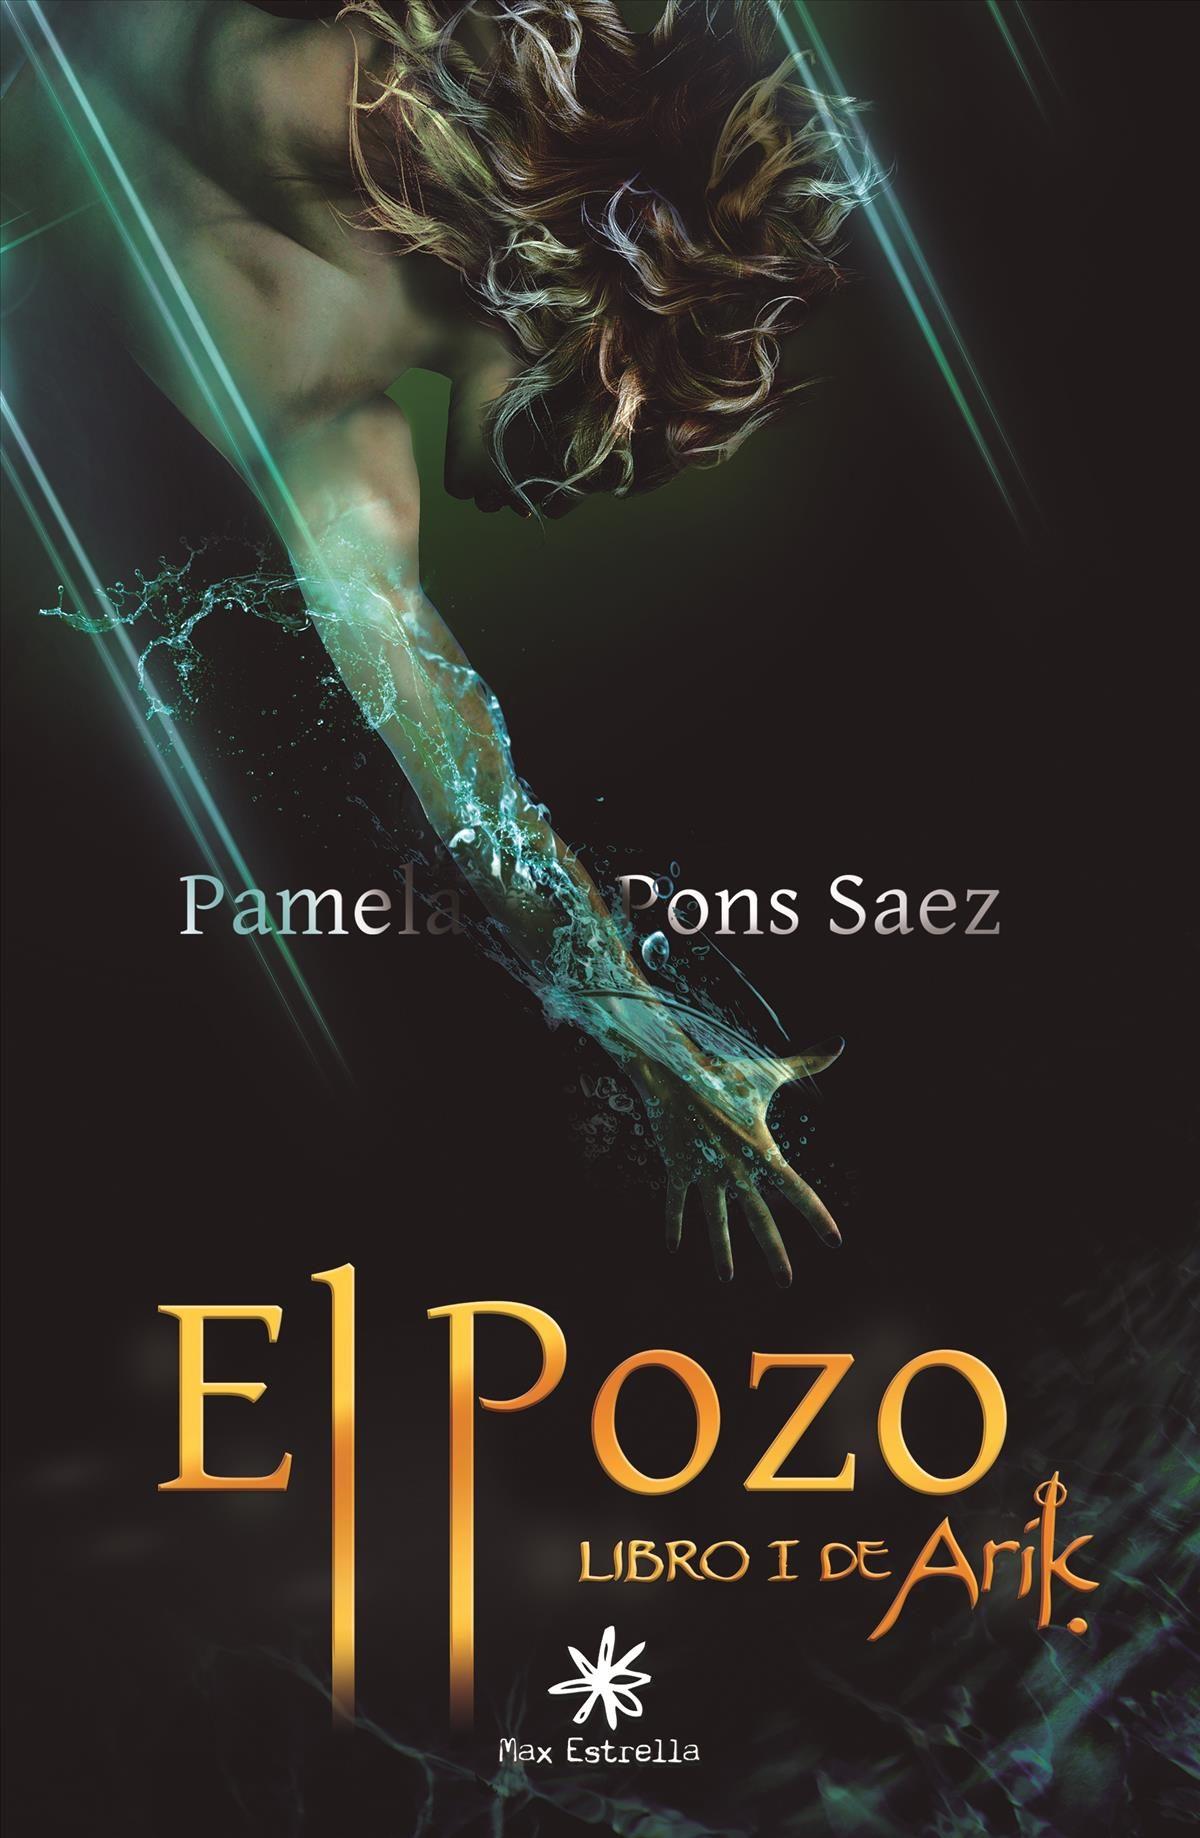 El Pozo: Libro I De Arik - Pons Saez Pamela